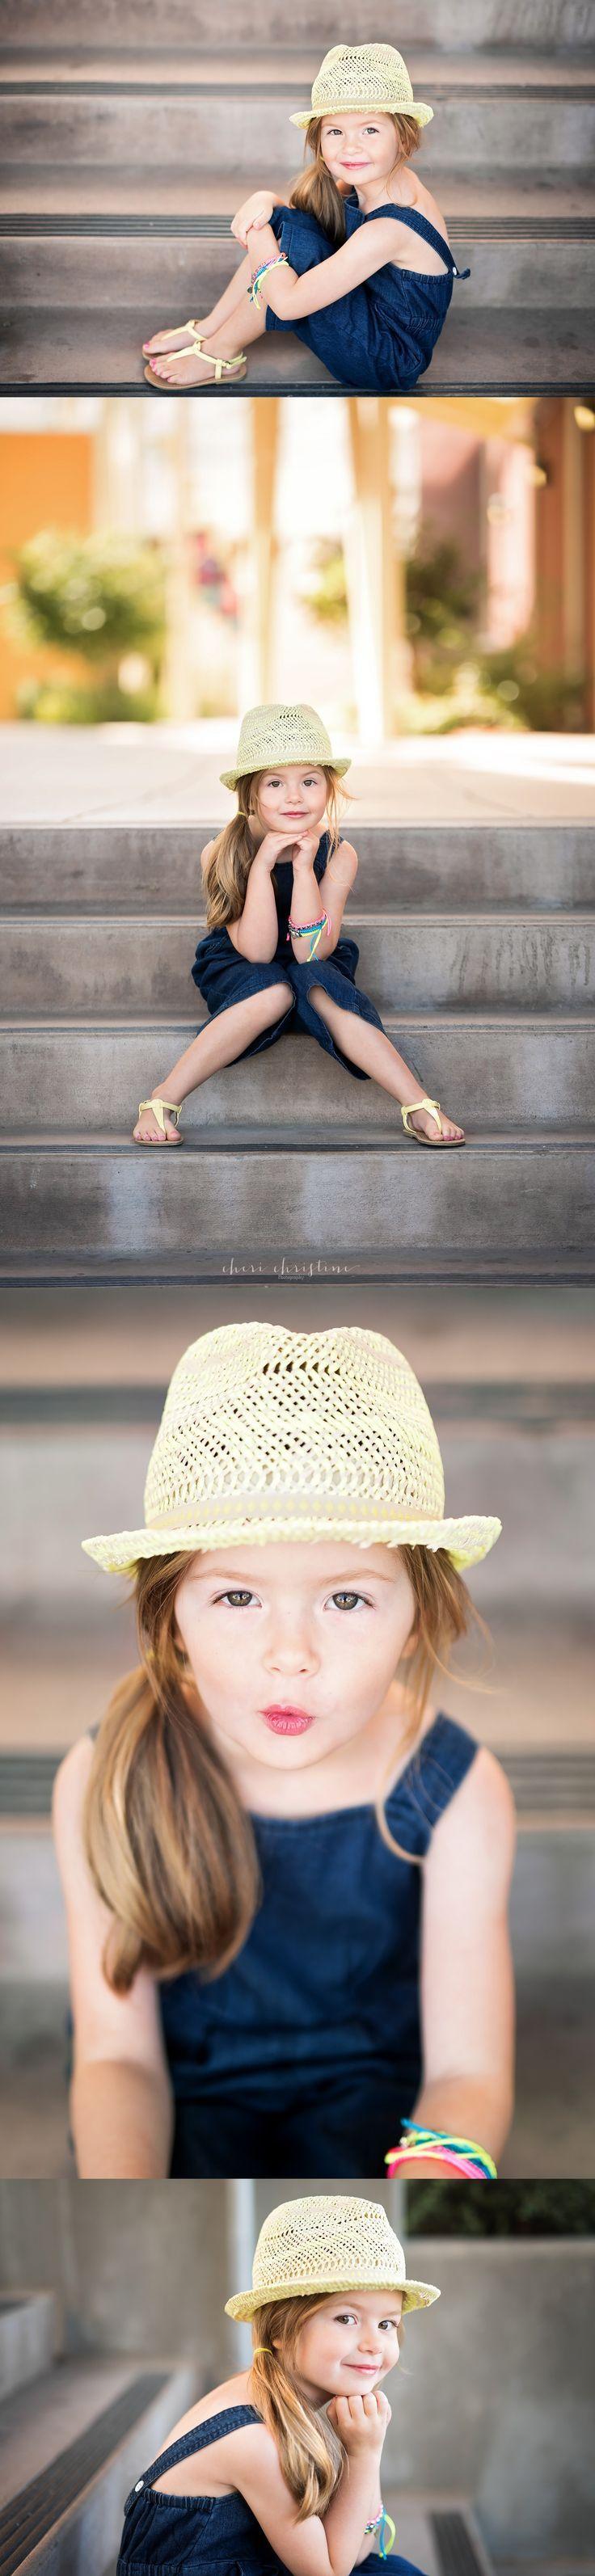 Urban Fotoshooting für 5 Jahre alten Meilenstein | Cheri Christine Fotografie | Rocklin, CA.